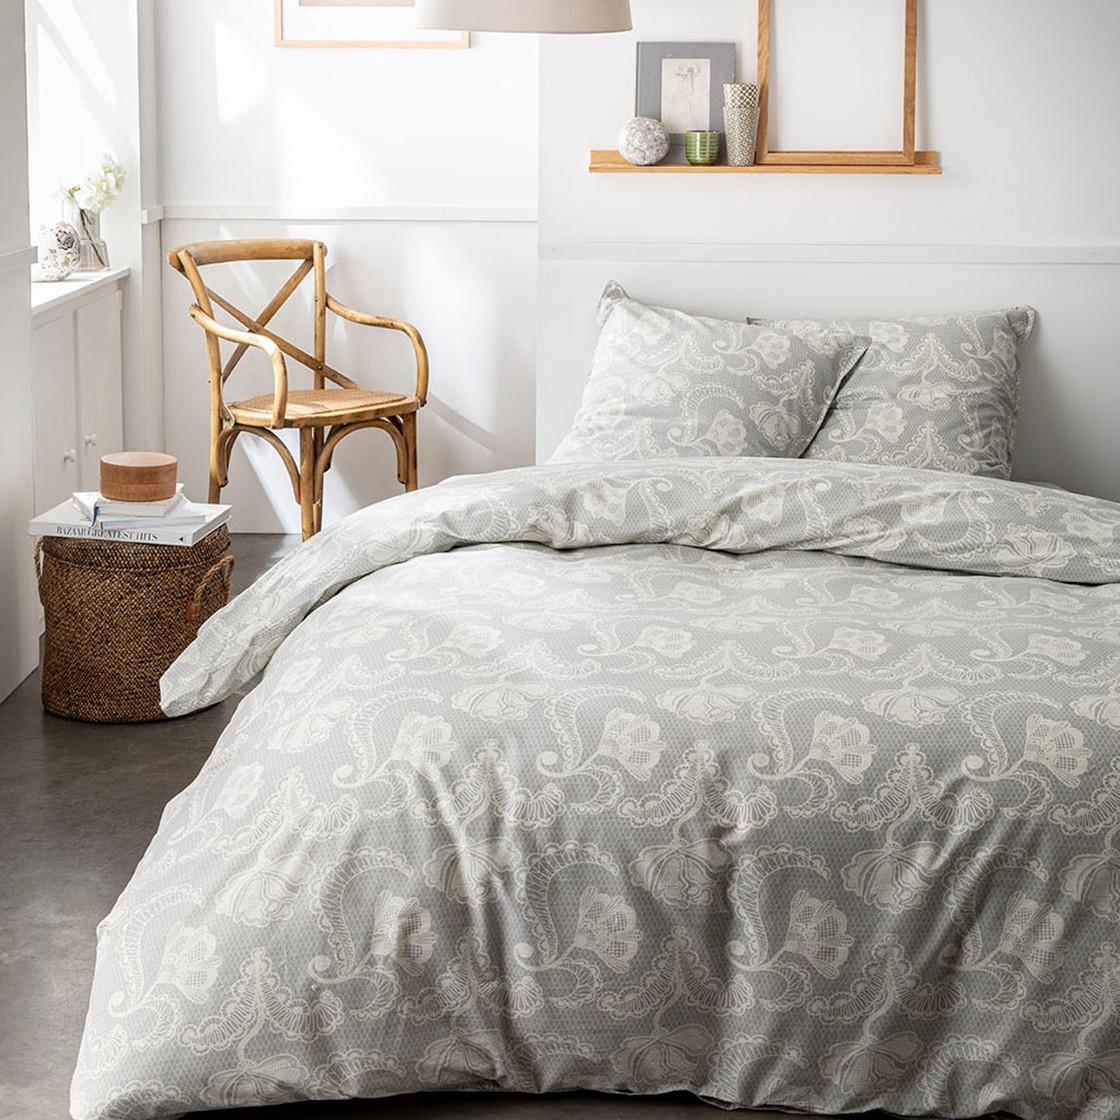 Parure de lit 2 personnes imprimé bohème en Coton Gris 220x240 cm